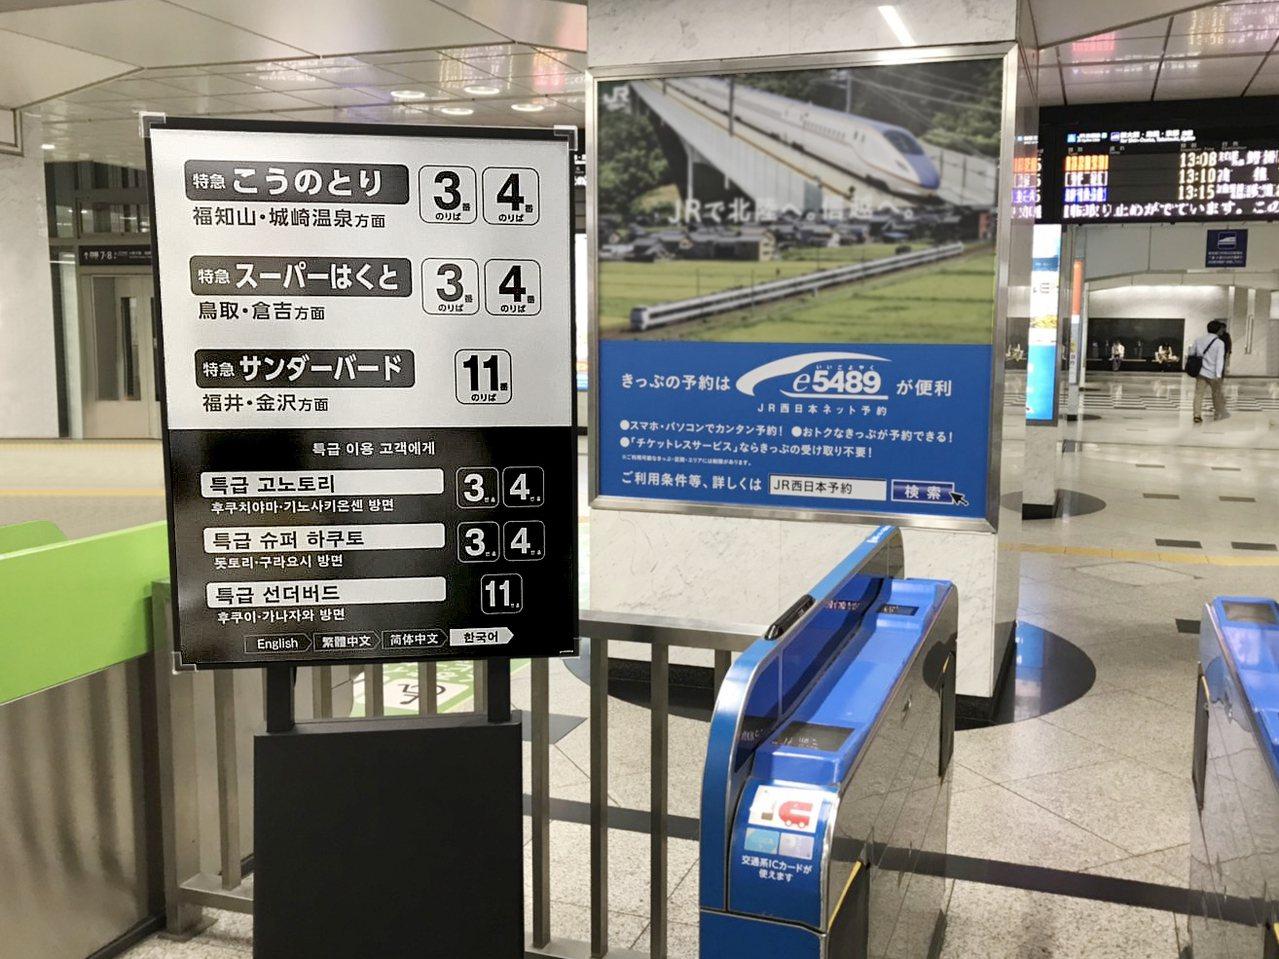 元太電子紙獲西日本旅客鐵道株式會社採用,打造智慧電子紙看板。圖/元太提供